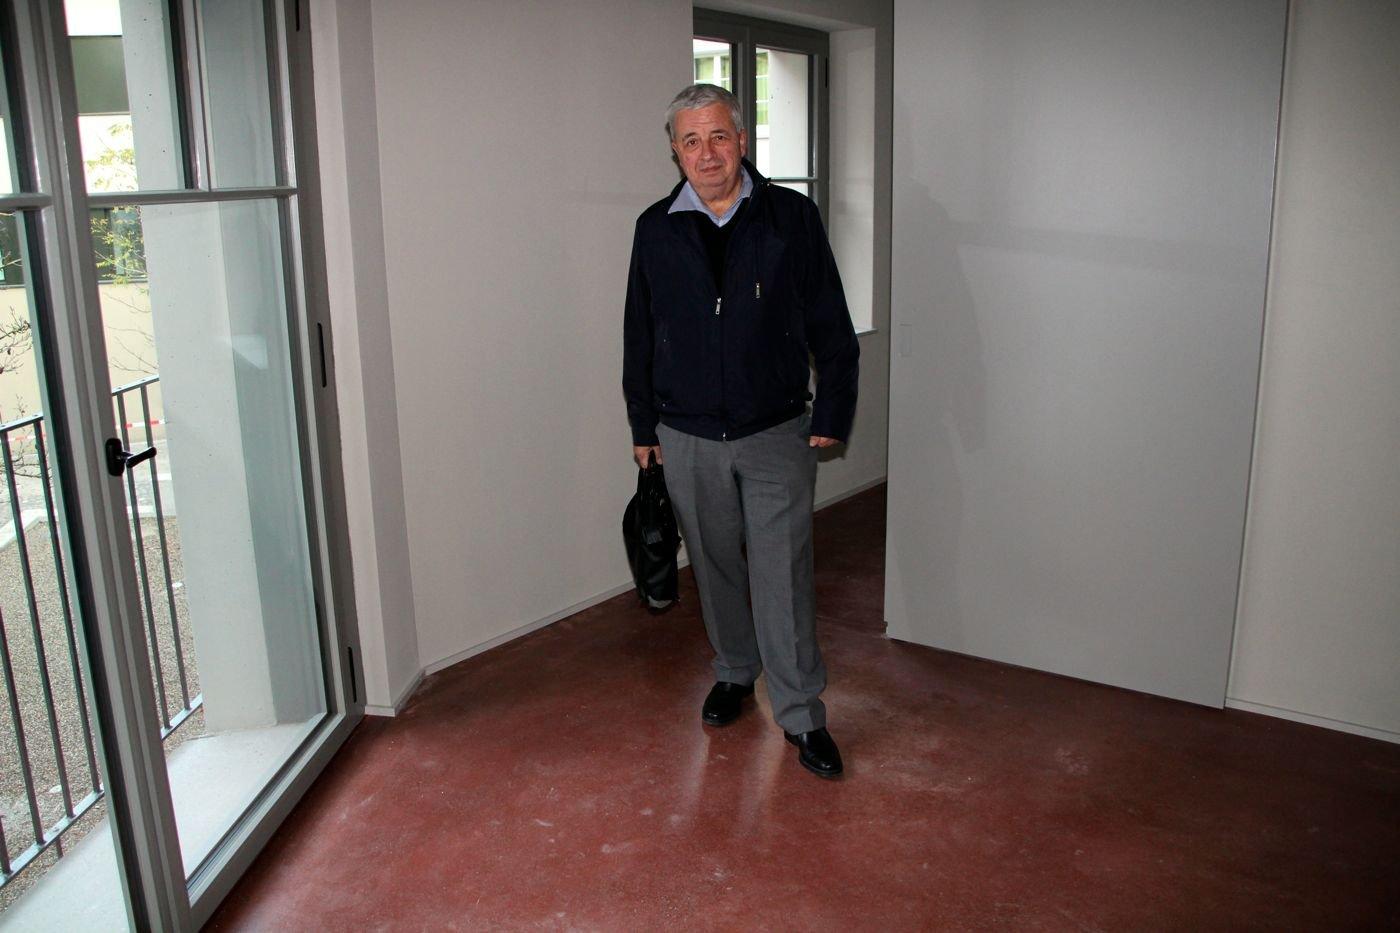 Gemeinderat Peter Rütimann in einem der WG-Zimmer. Der Boden besteht aus Hartbeton, der rot eingefärbt wurde.